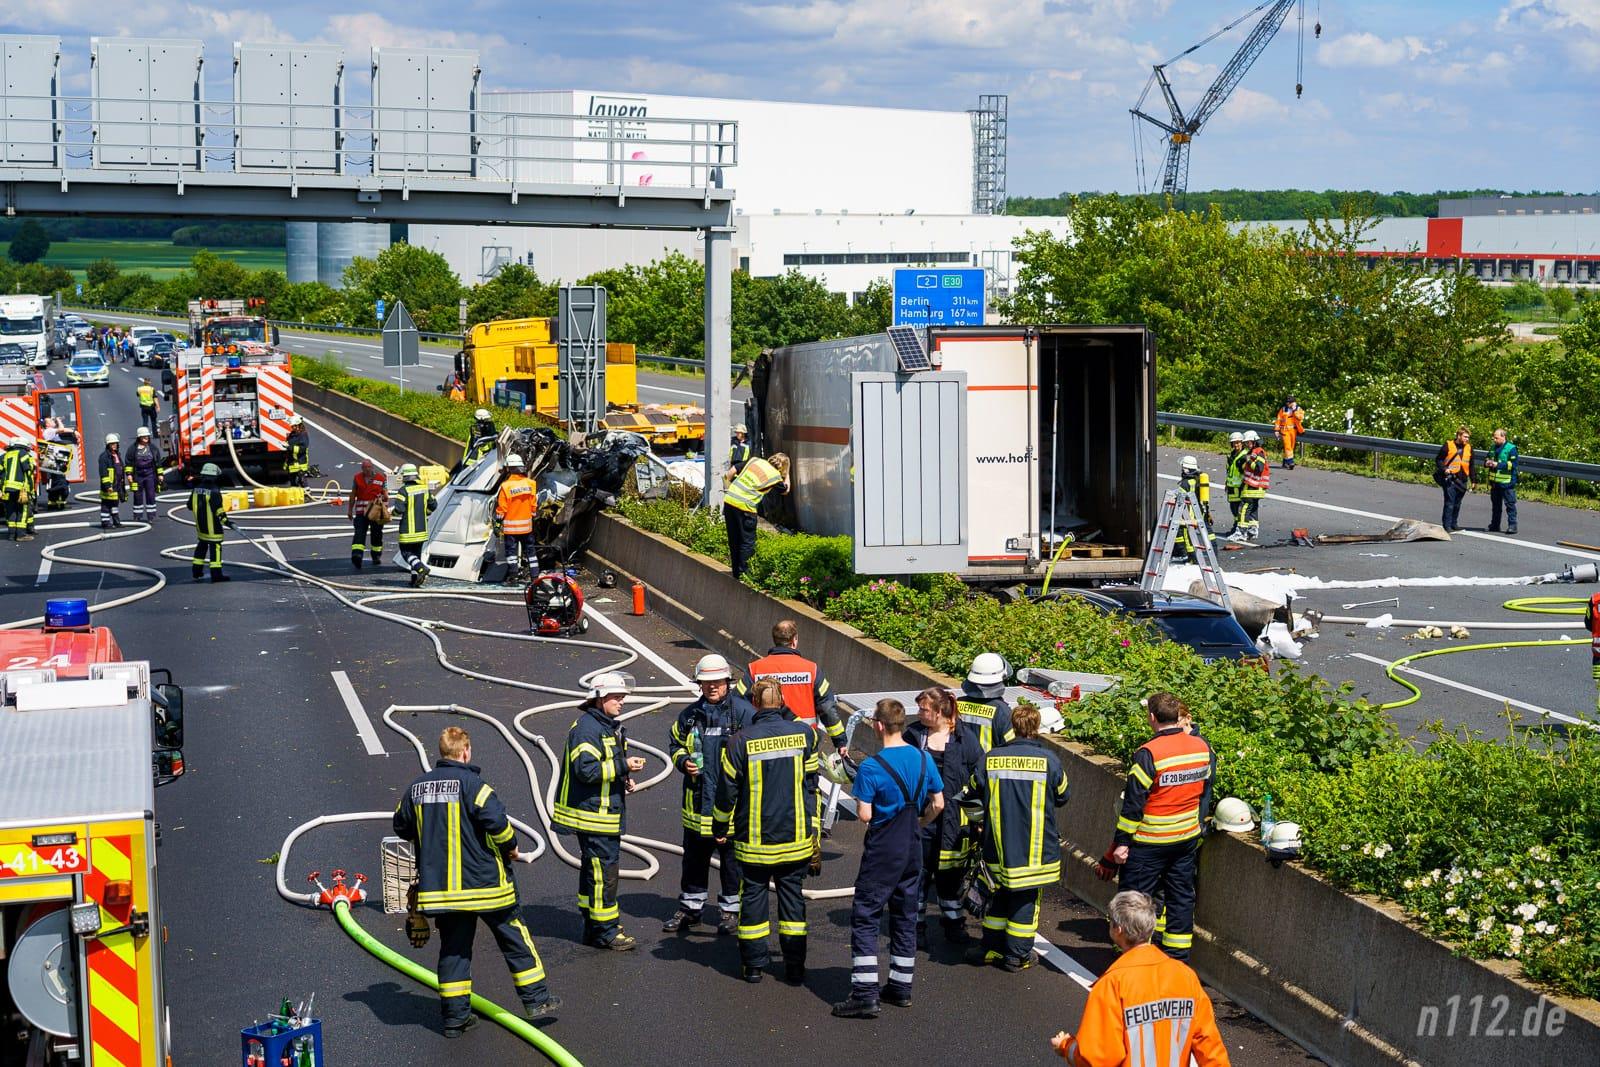 Übersicht der Unfallstelle auf der A2 (Foto: n112.de/Stefan Hillen)